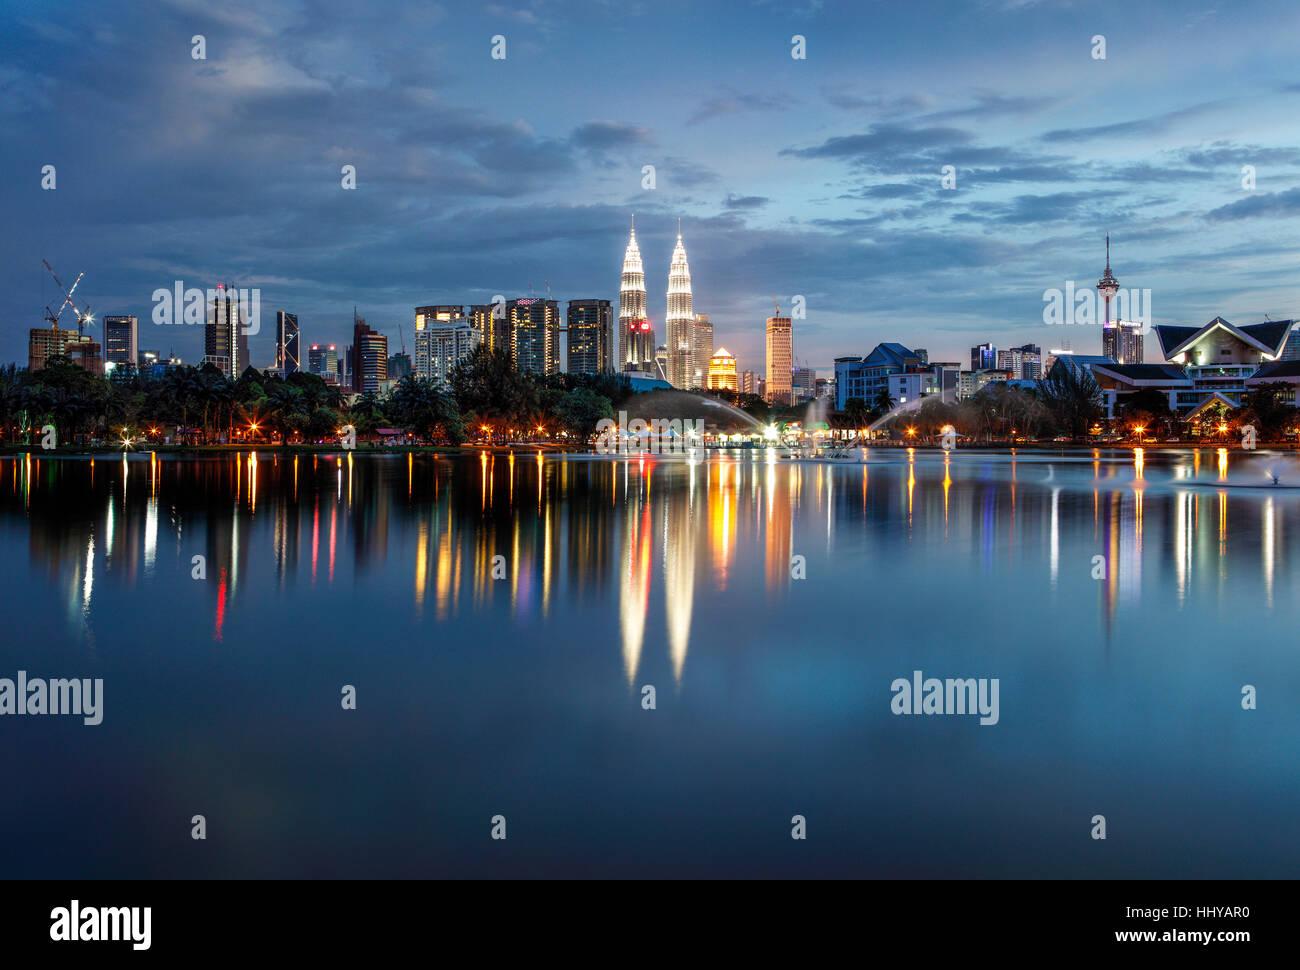 L'horizon de Kuala Lumpur au crépuscule. Photo Stock